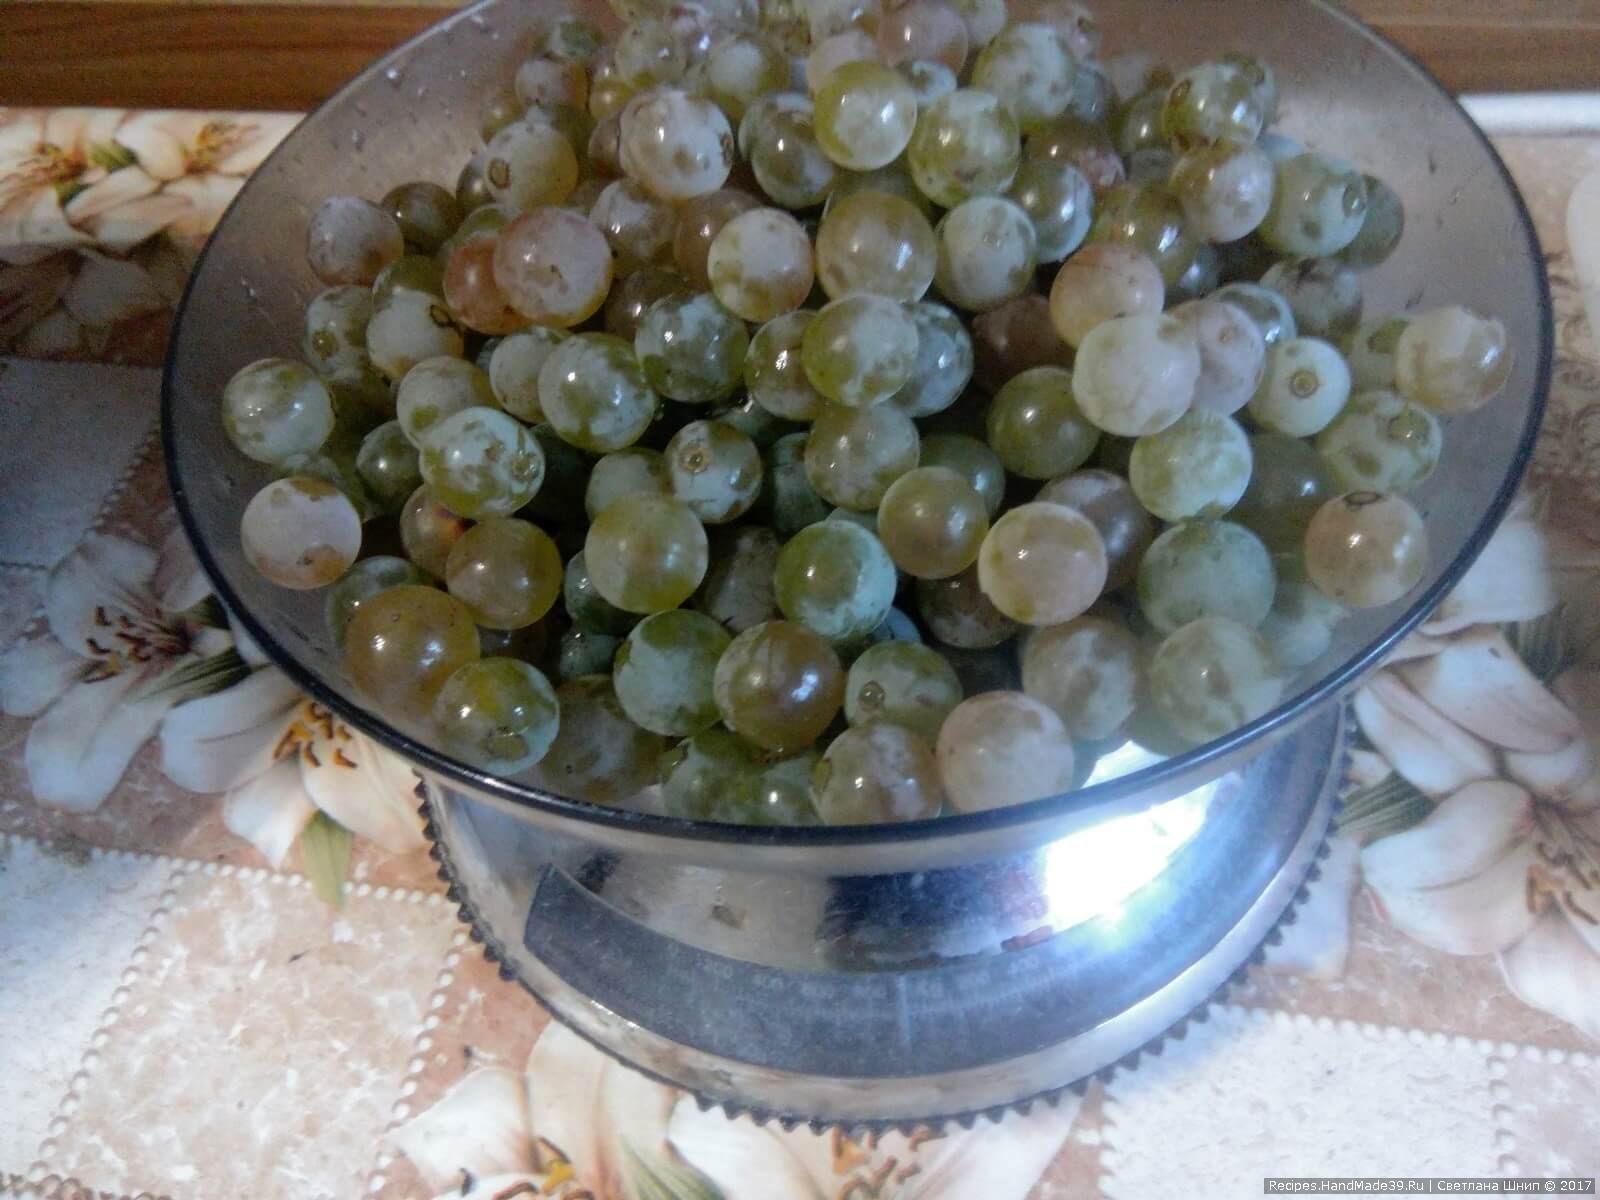 Виноград тщательно перебрать, удалить все порченые плоды. Оставшиеся ягоды оборвать с веточек и сложить в отдельную чистую неметаллическую посуду